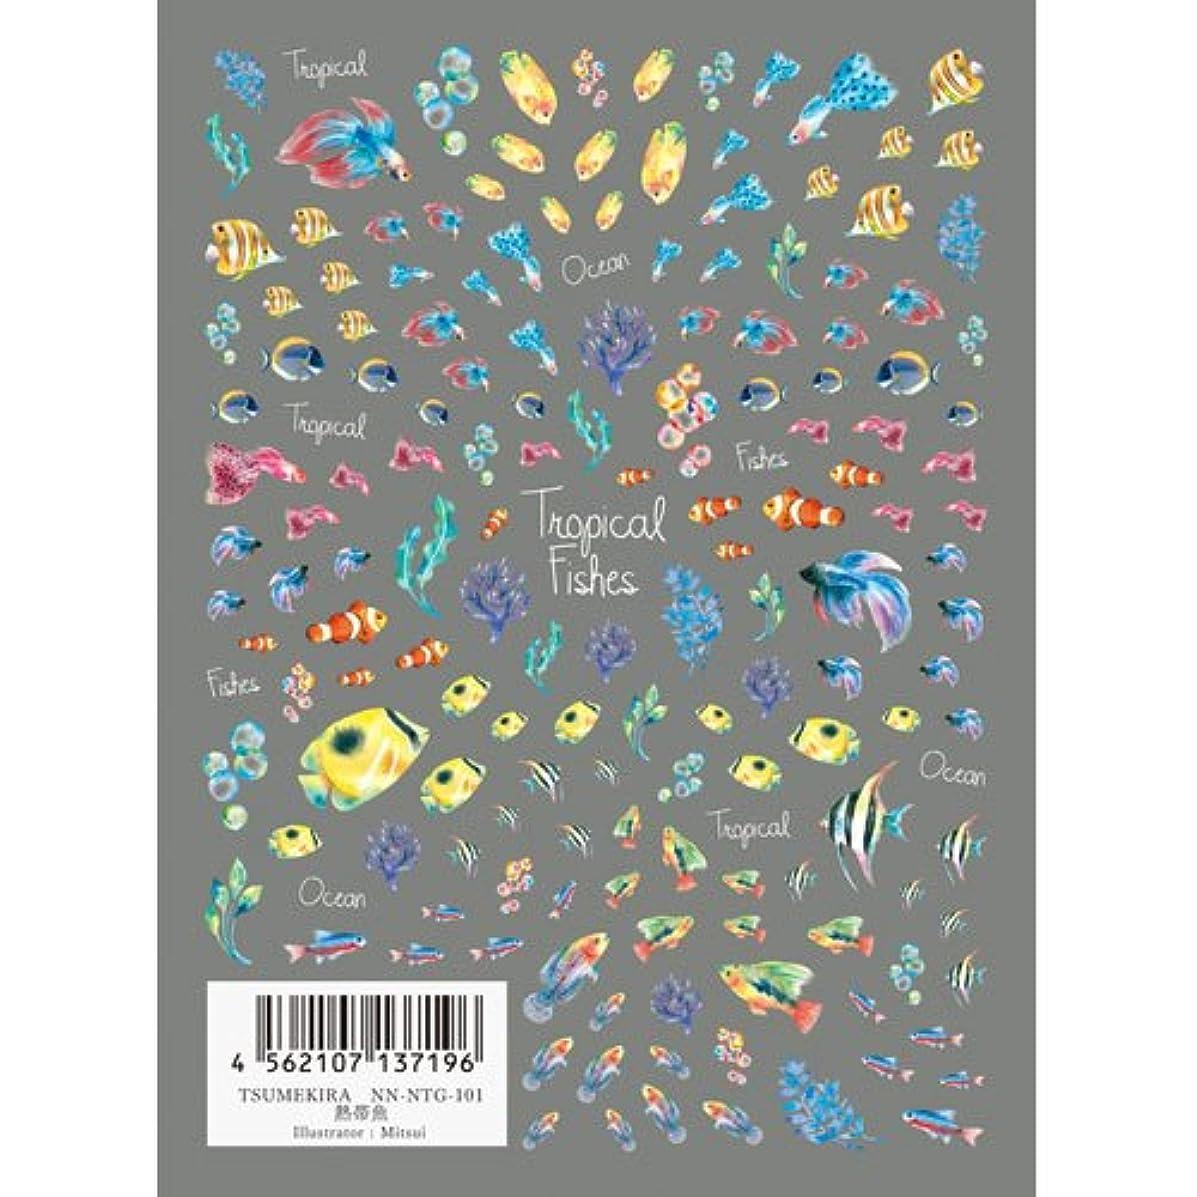 ベリー適切な代表してツメキラ(TSUMEKIRA) ネイル用シール 熱帯魚 NN-NTG-101